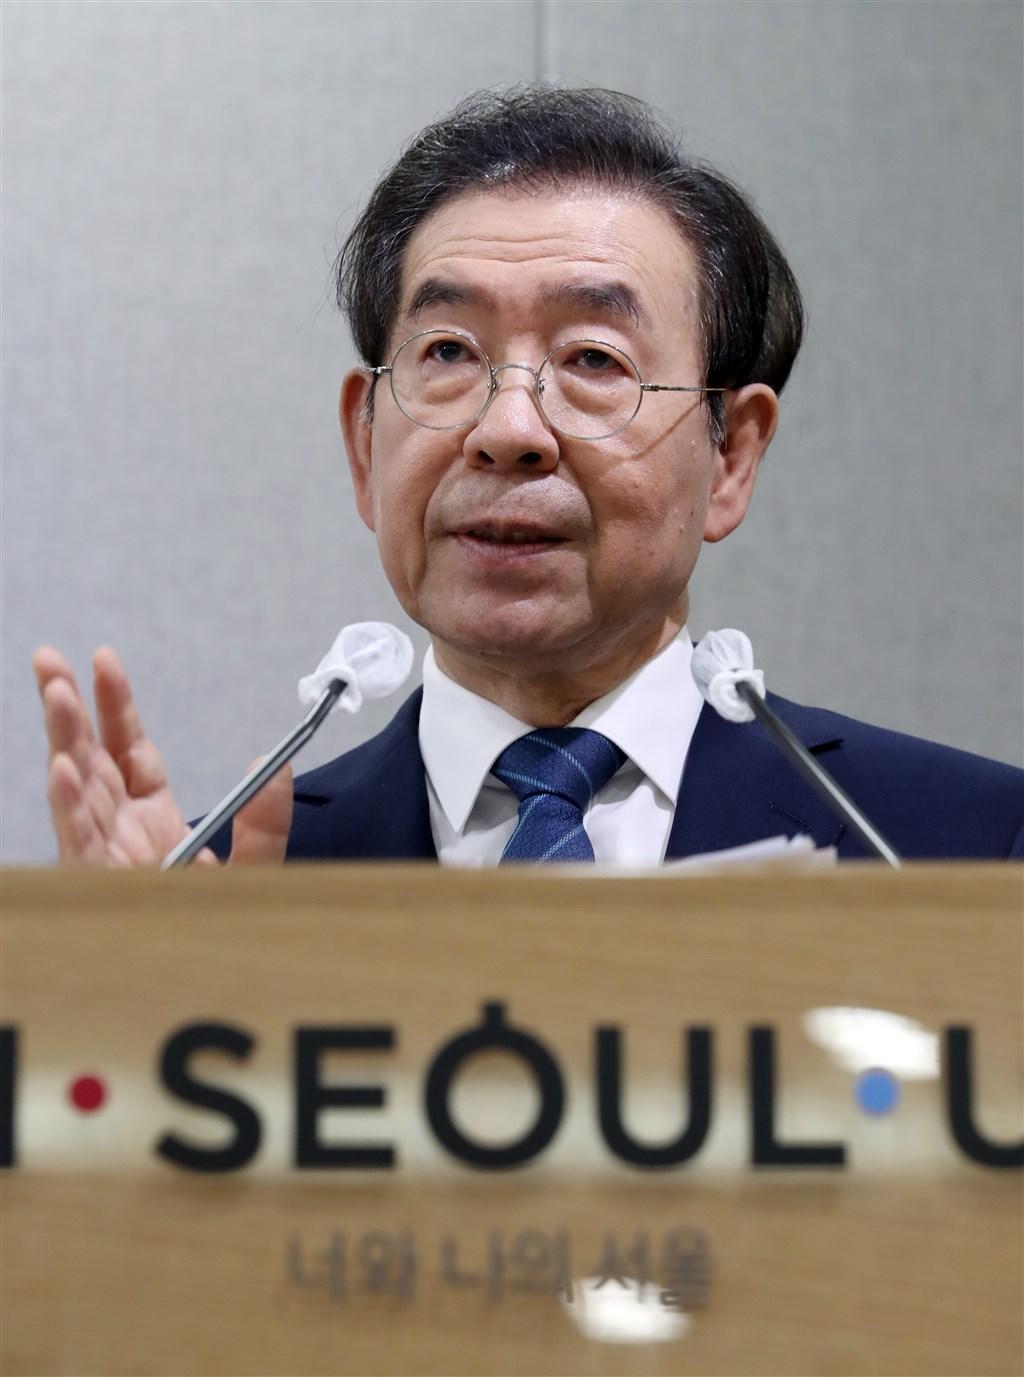 韓國首爾市長朴元淳9日失聯,被尋獲後仍告不治,享壽64歲。家屬10日公開遺書內容,他表示「對所有人感到很抱歉」,但未提及輕生原因。(檔案照片/韓聯社提供)